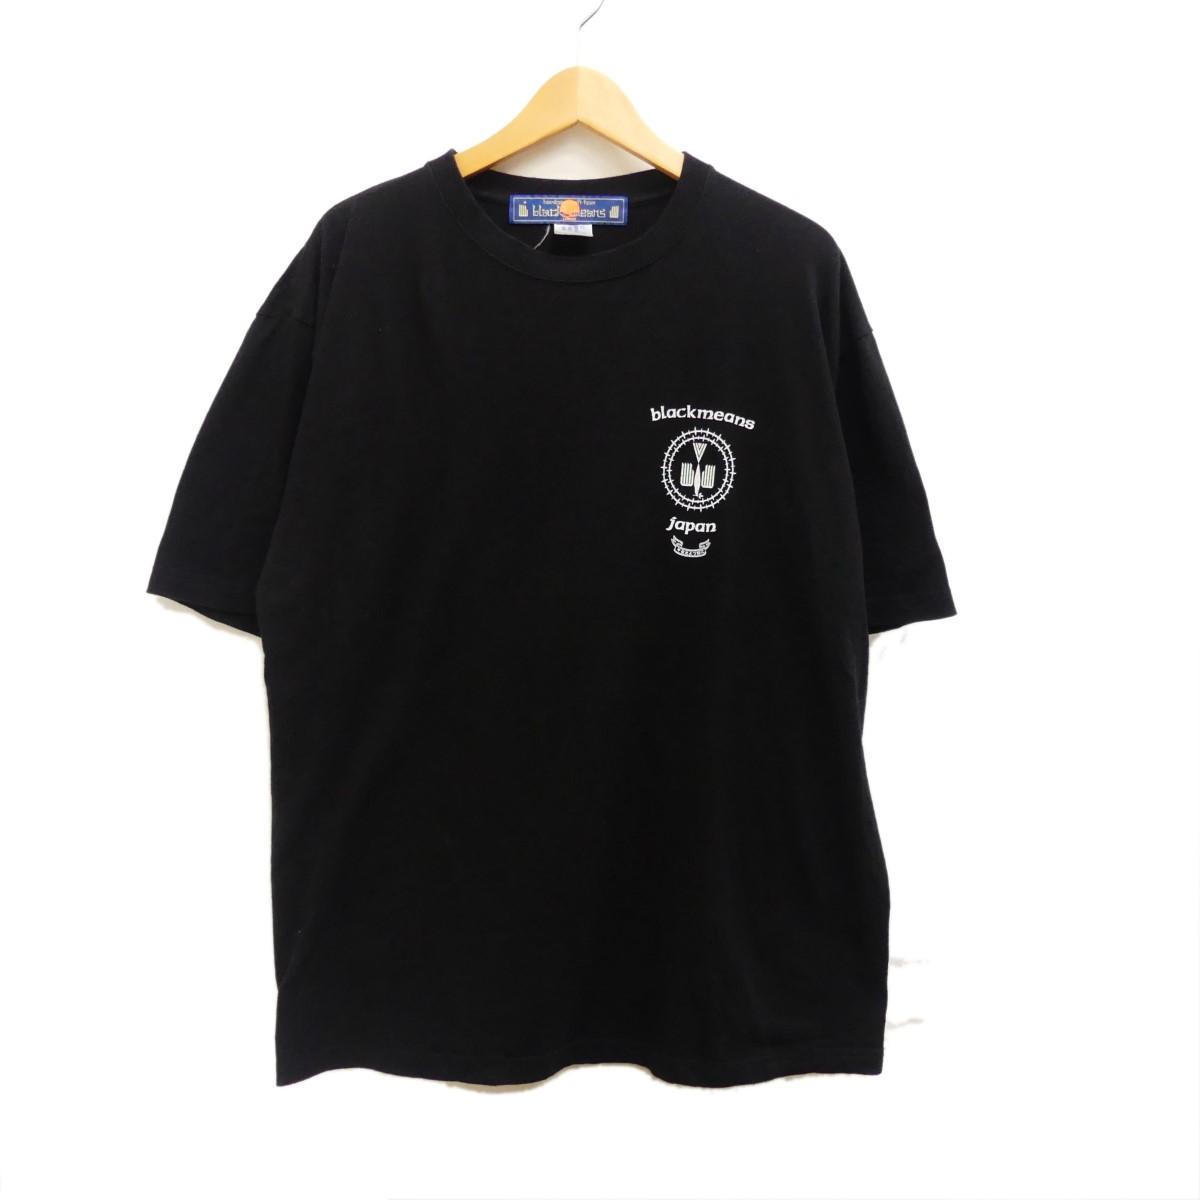 トップス, Tシャツ・カットソー blackmeans T XL 200520